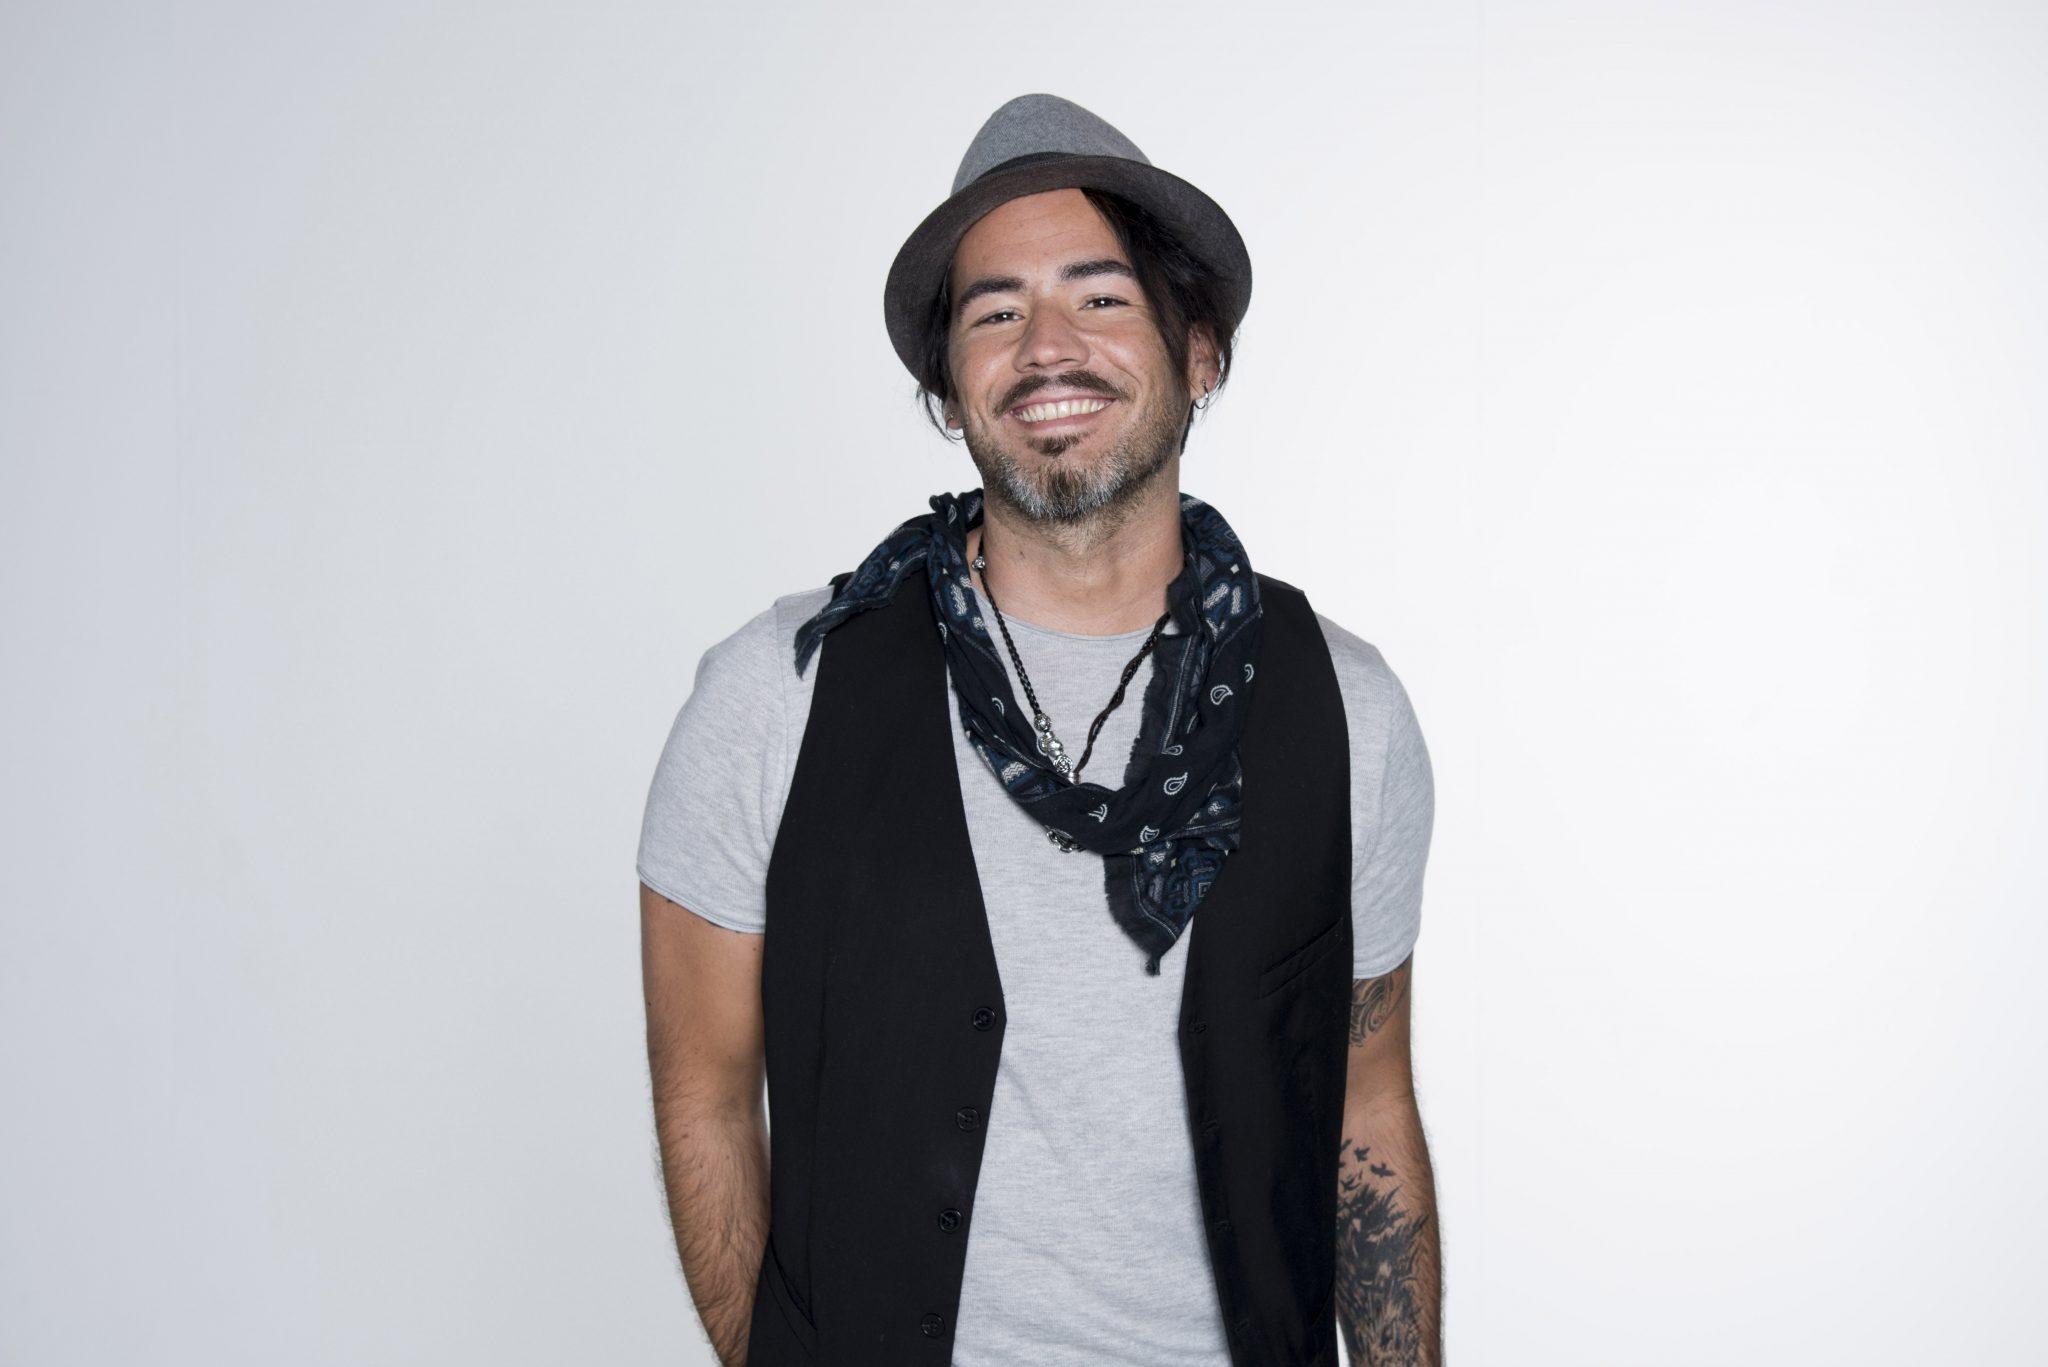 Diogo Lima